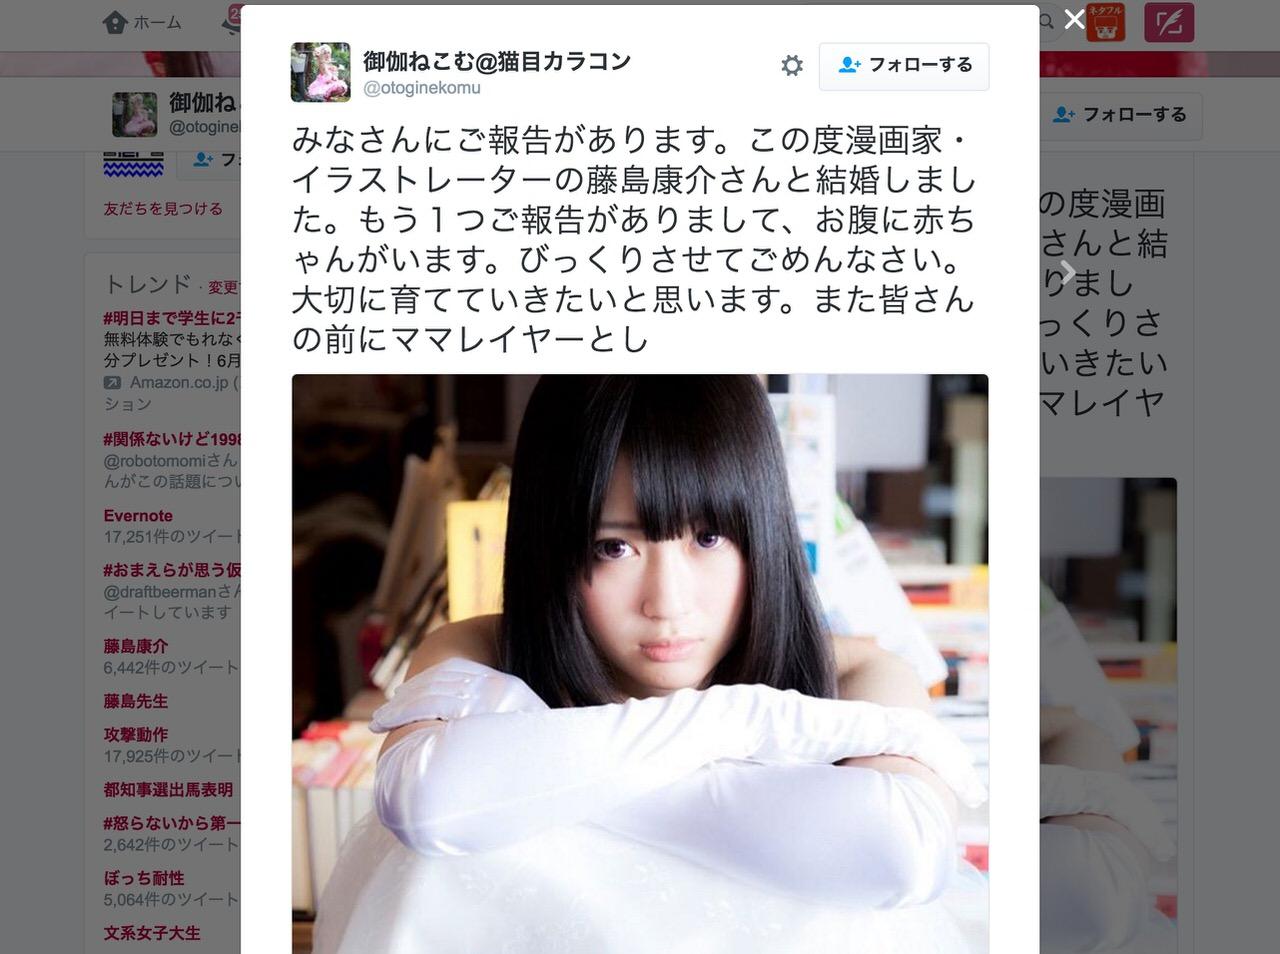 ああっ逮捕しちゃうぞ!コスプレイヤー御伽ねこむ(20歳)、マンガ家藤島康介(51歳)と結婚&妊娠を発表